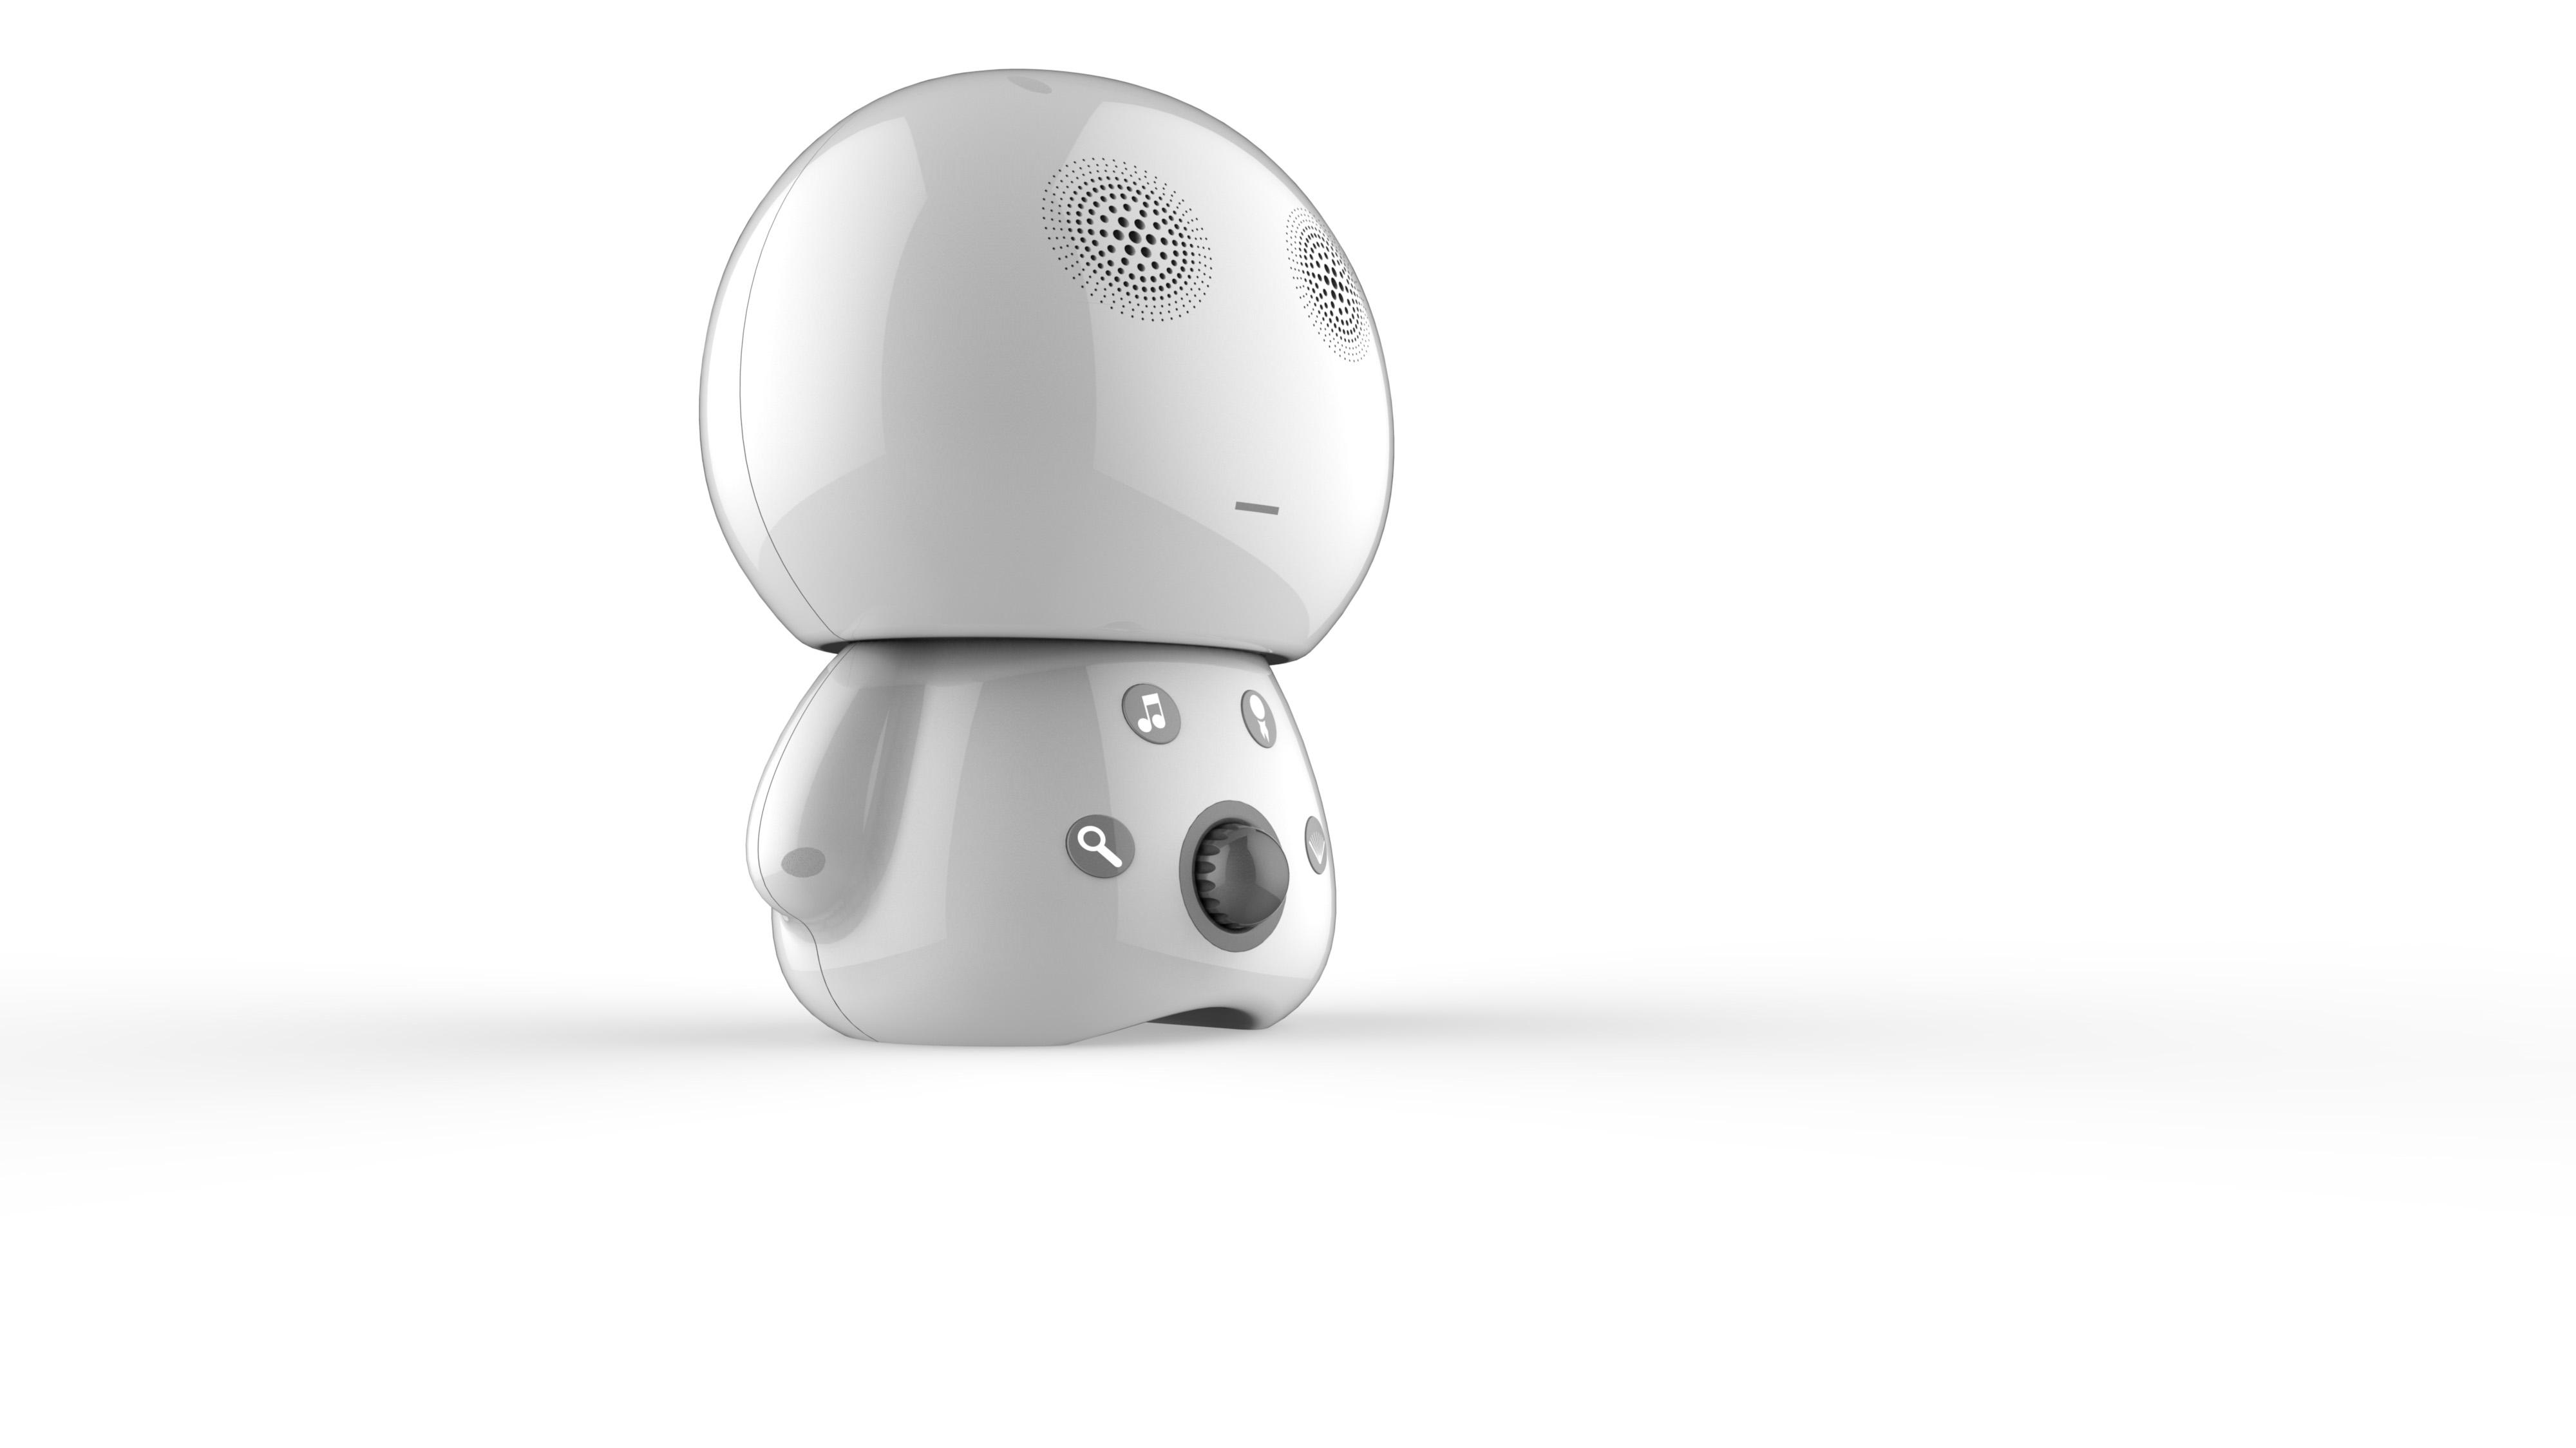 微信公仔2_产品设计-来设计